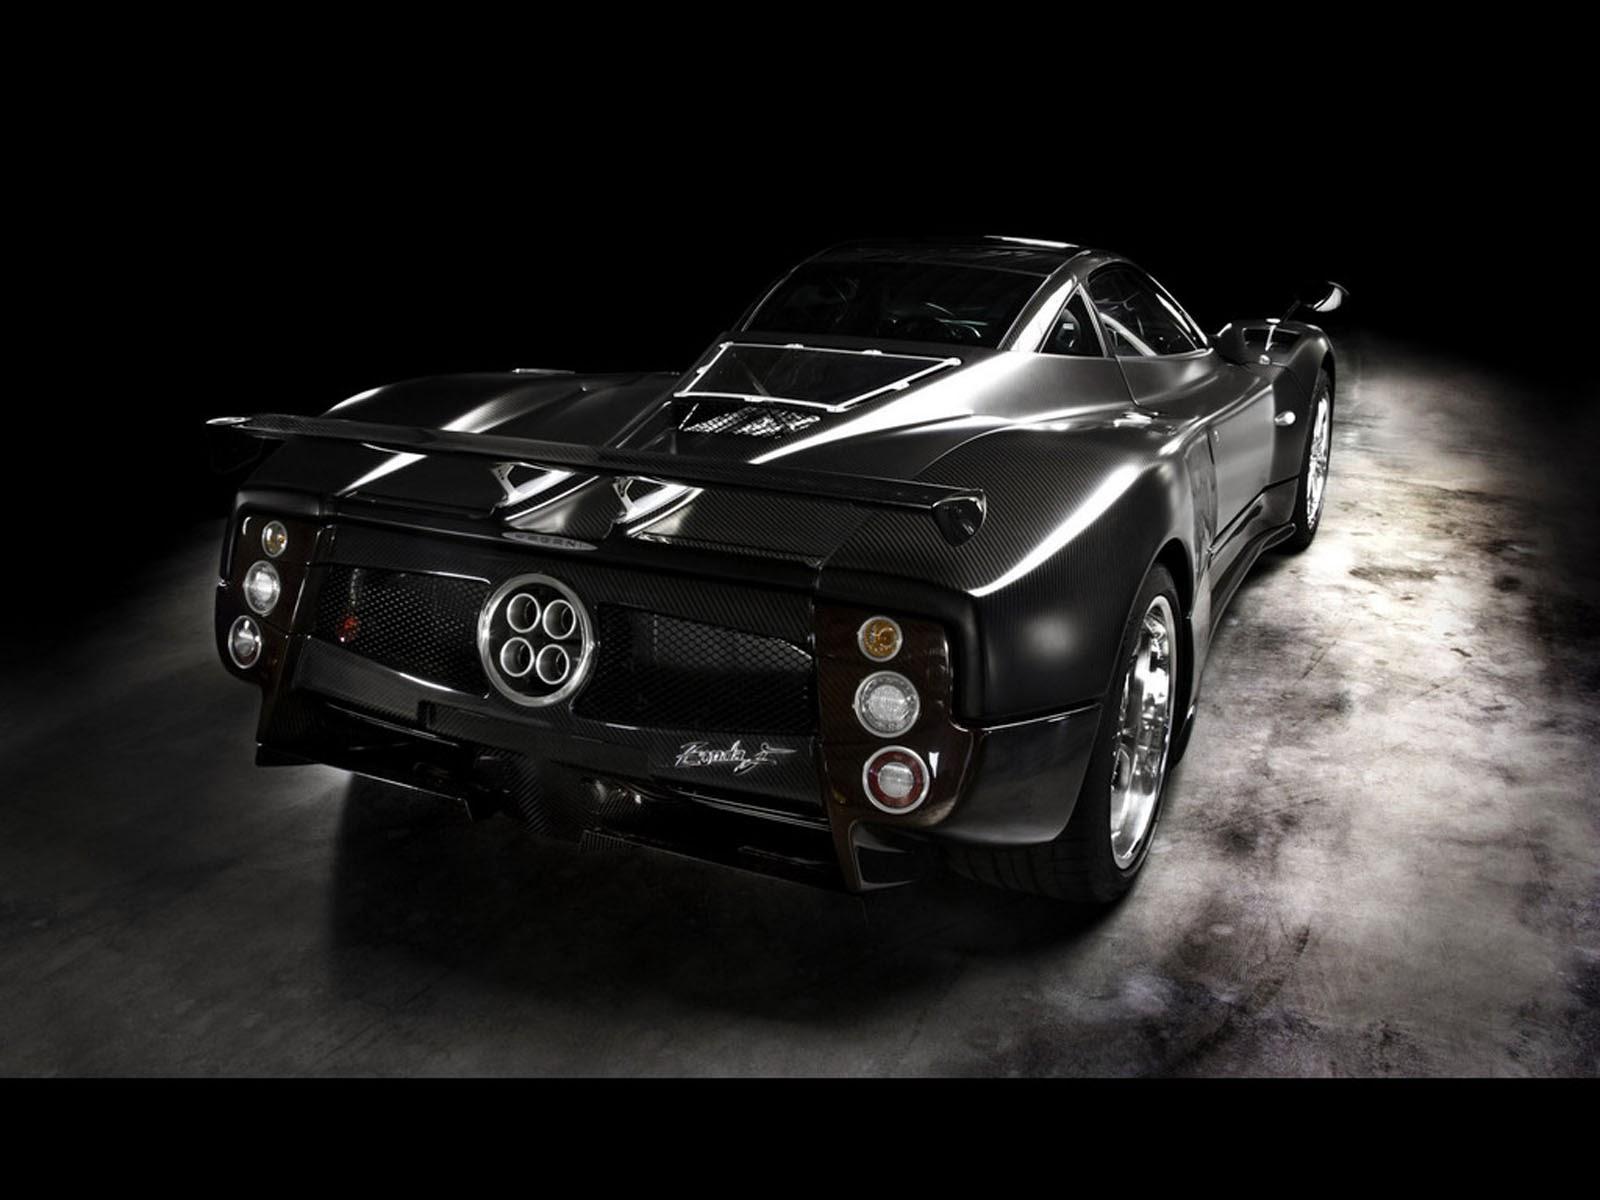 ... Wallpapers, Pagani Zonda F Roadster DesktopBackgrounds, Pagani Zonda F